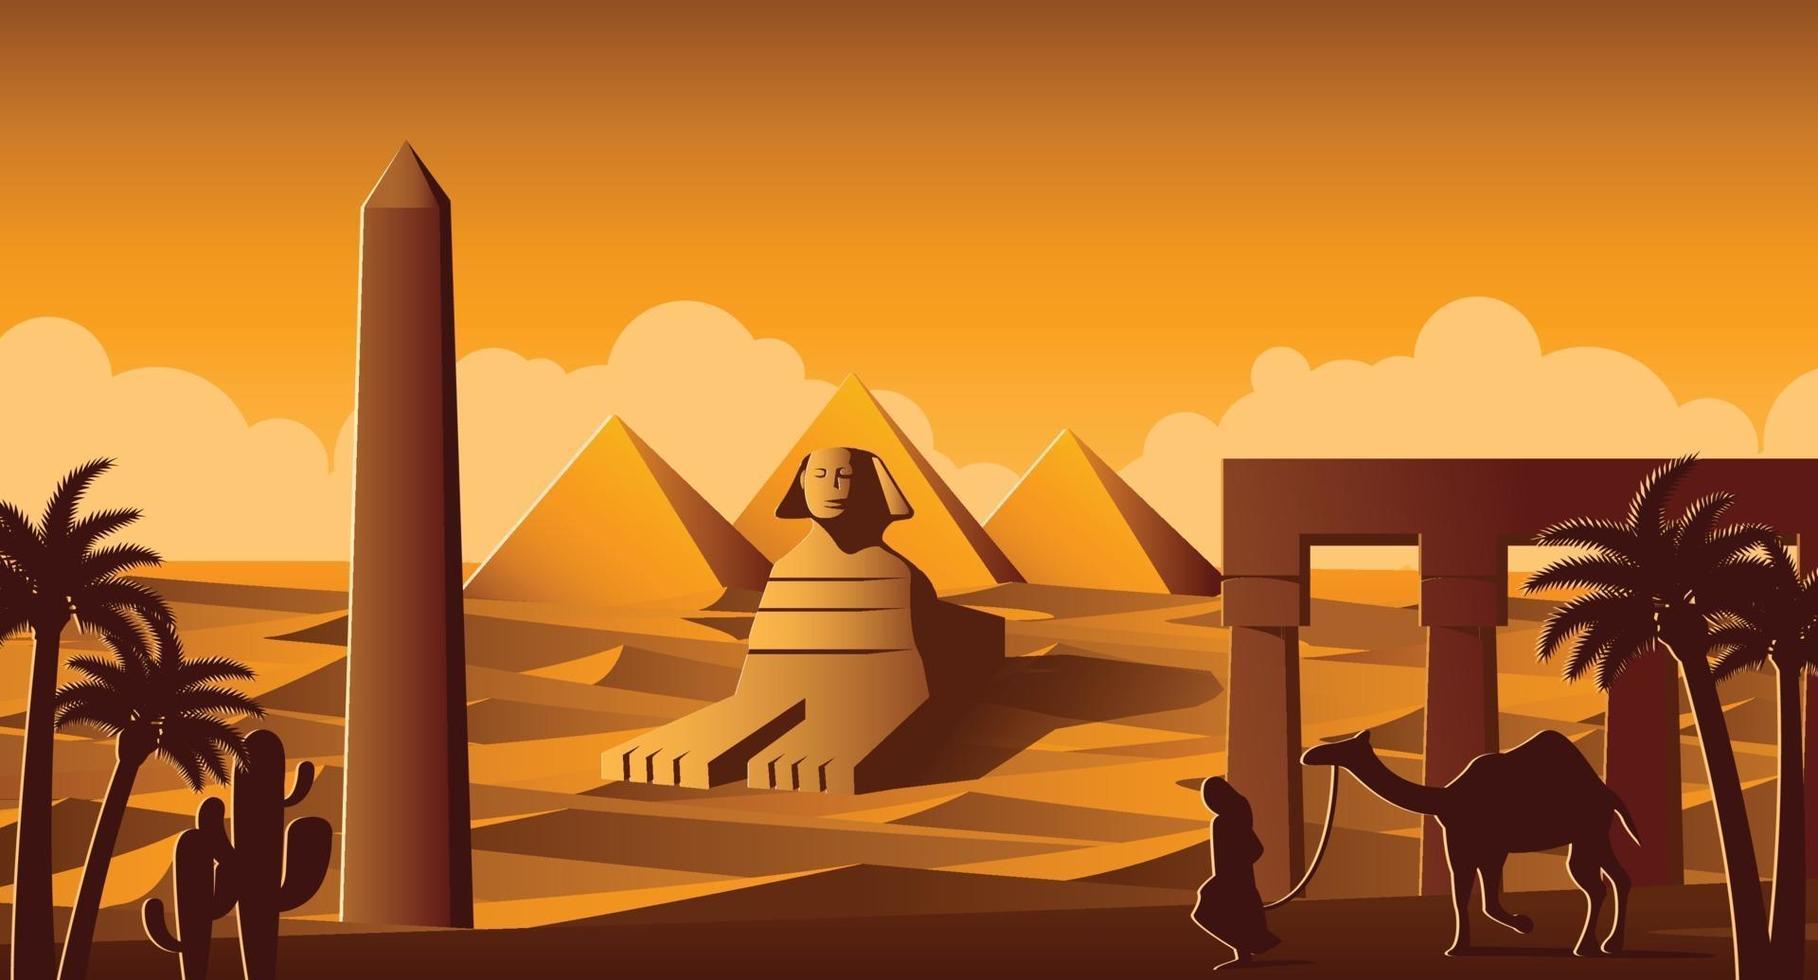 Sphinx und Pyramide berühmte Wahrzeichen Ägyptens vektor